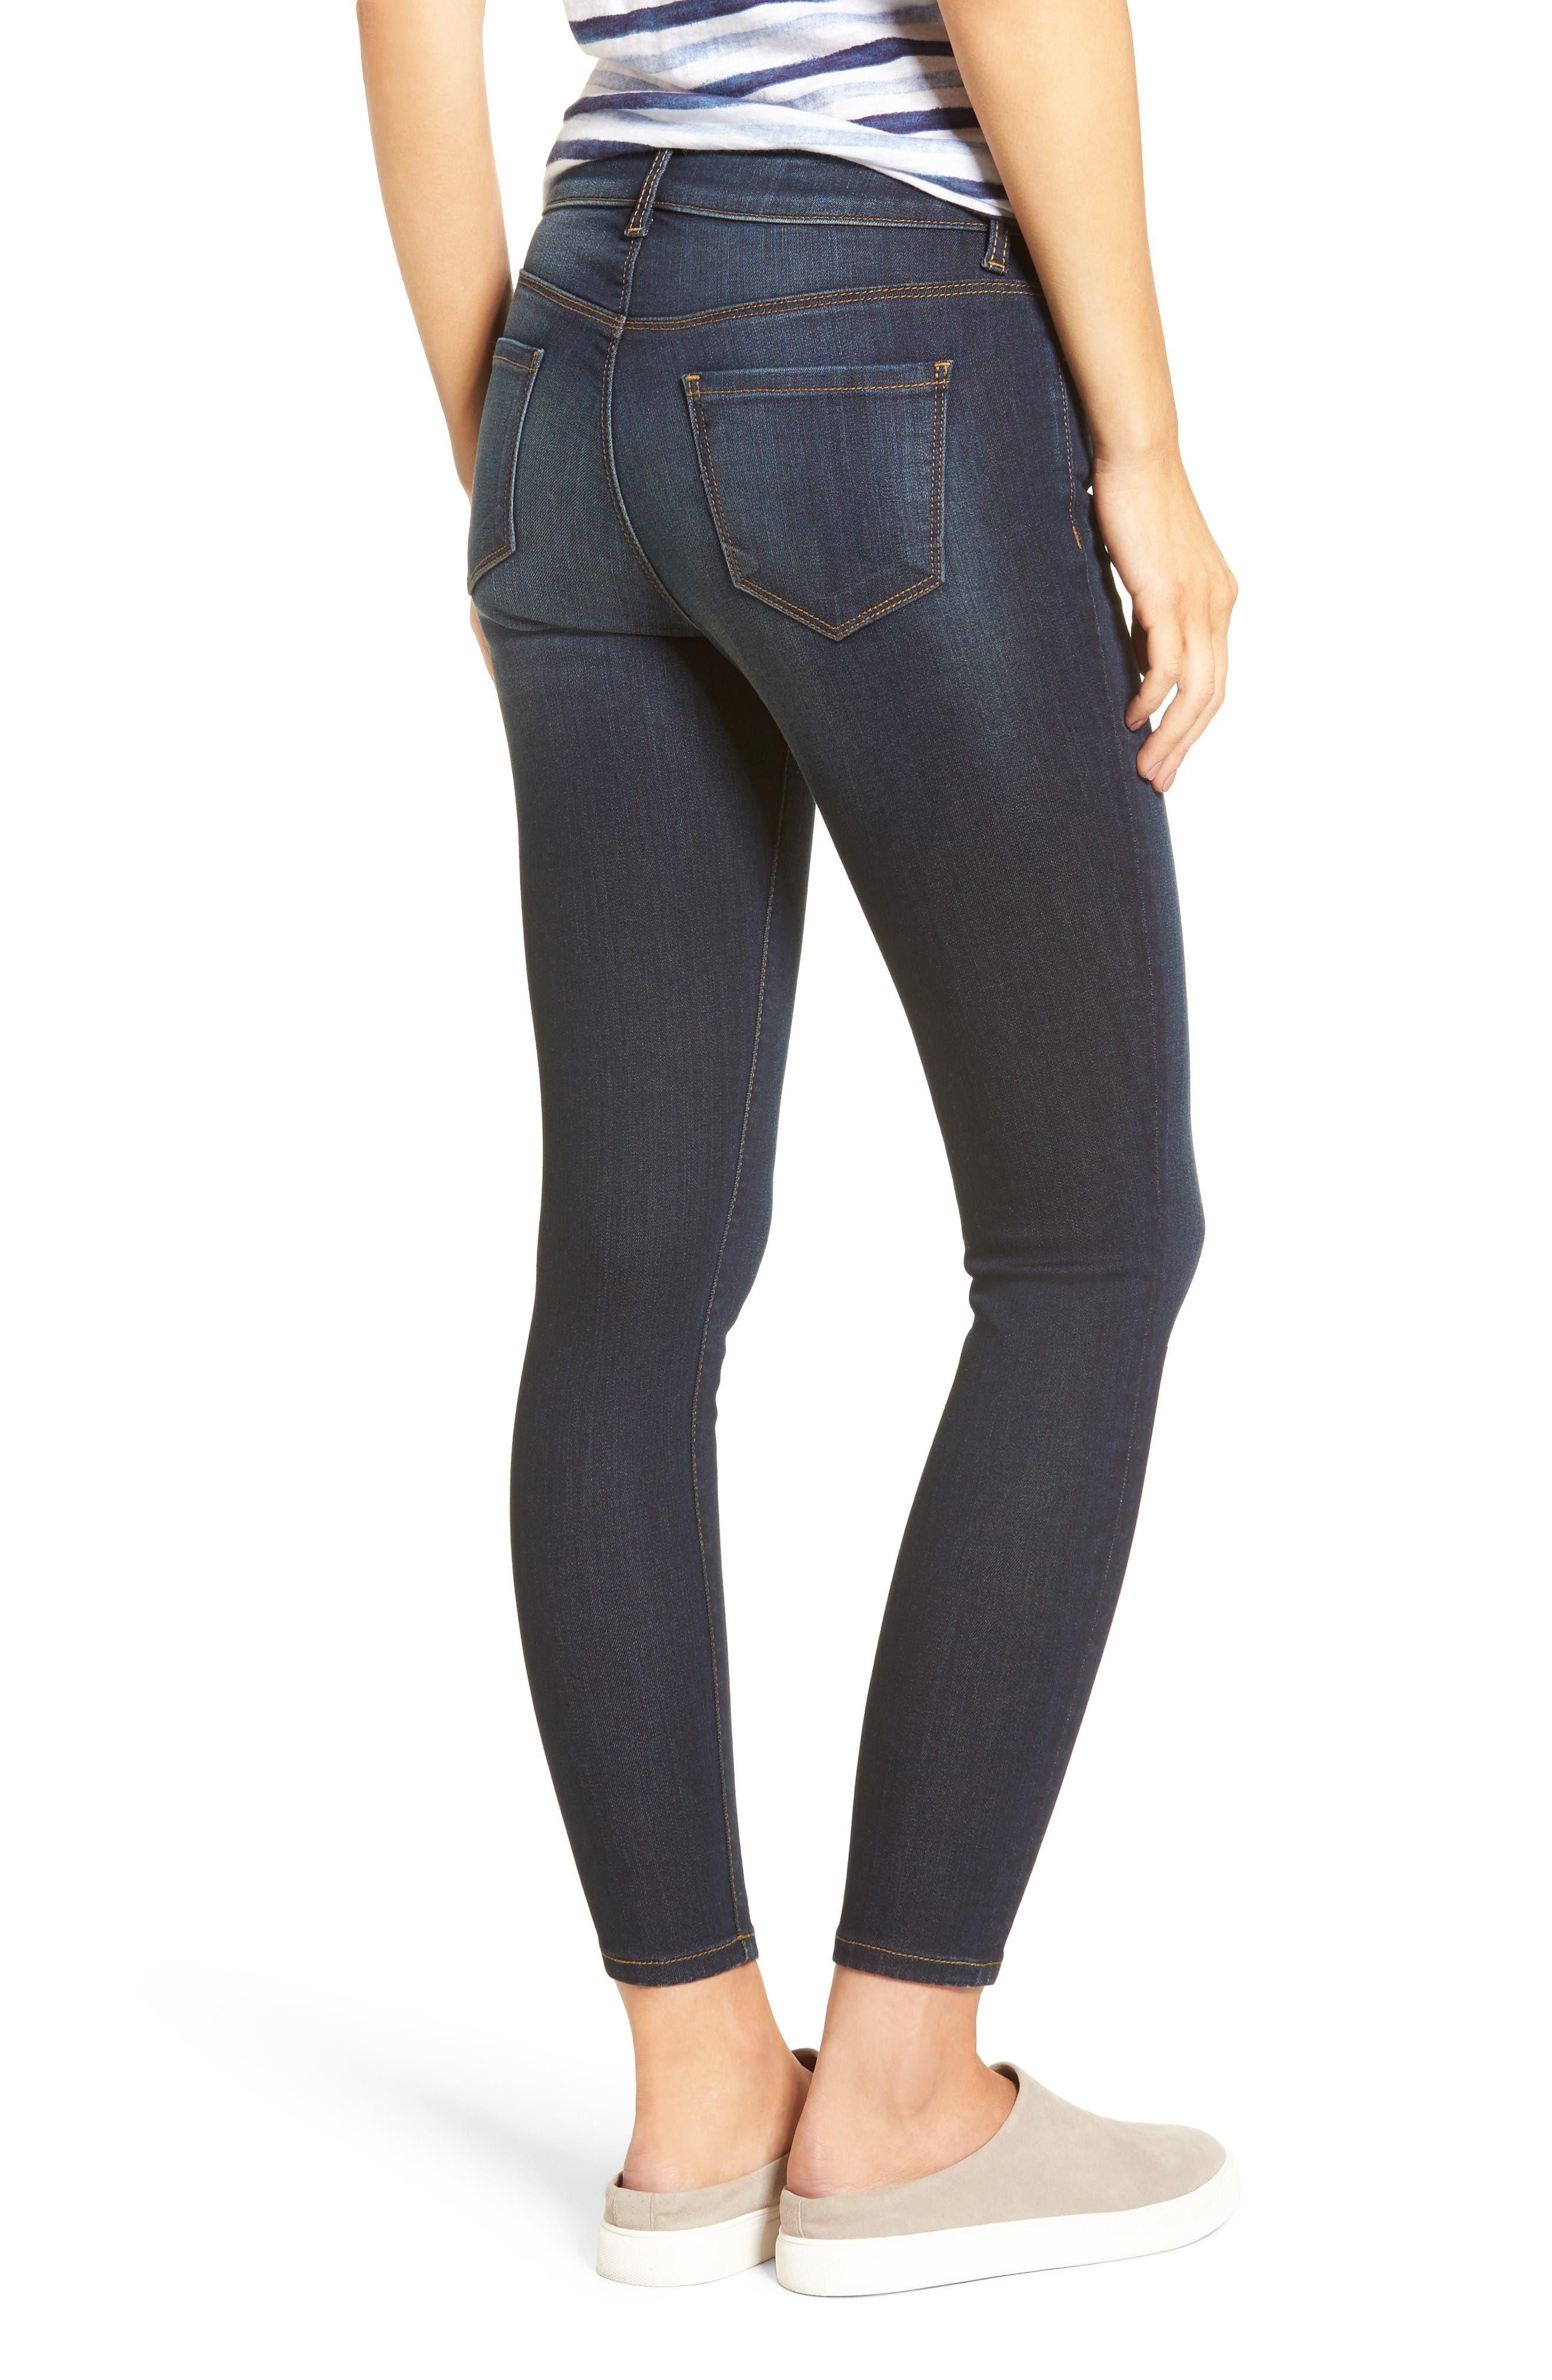 Alternate Image 2  - KUT from the Kloth Kurvy Ankle Skinny Jeans (Blinding)